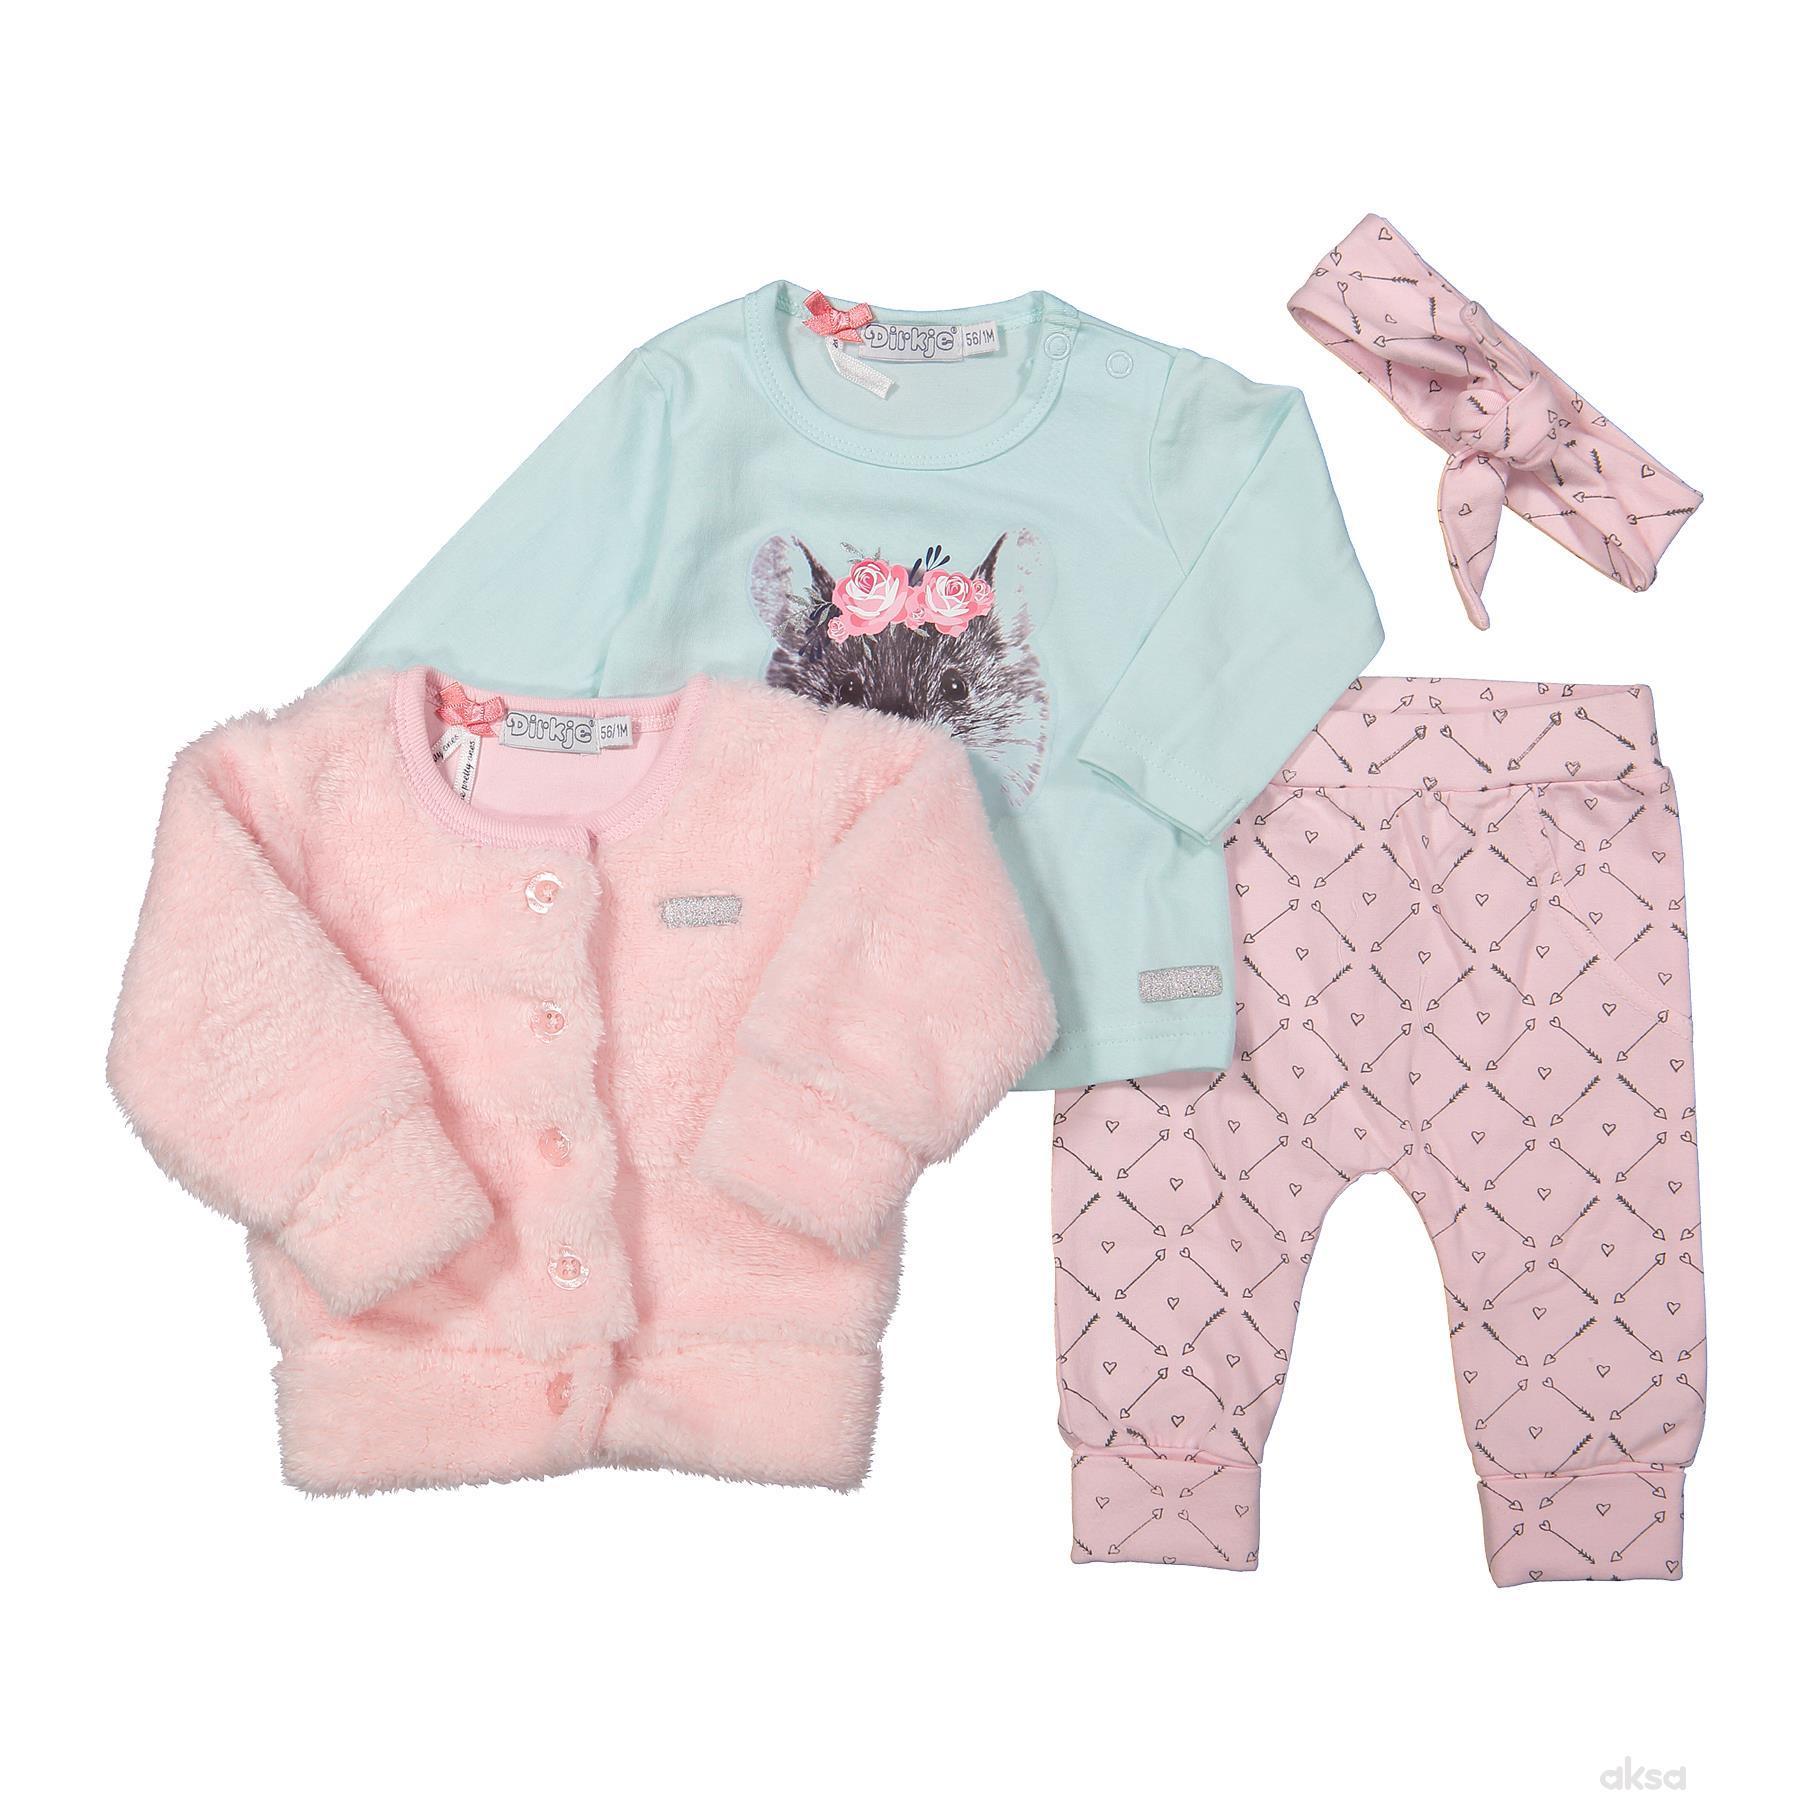 Dirkje komplet(duks,majica,traka,d.d),devojčice